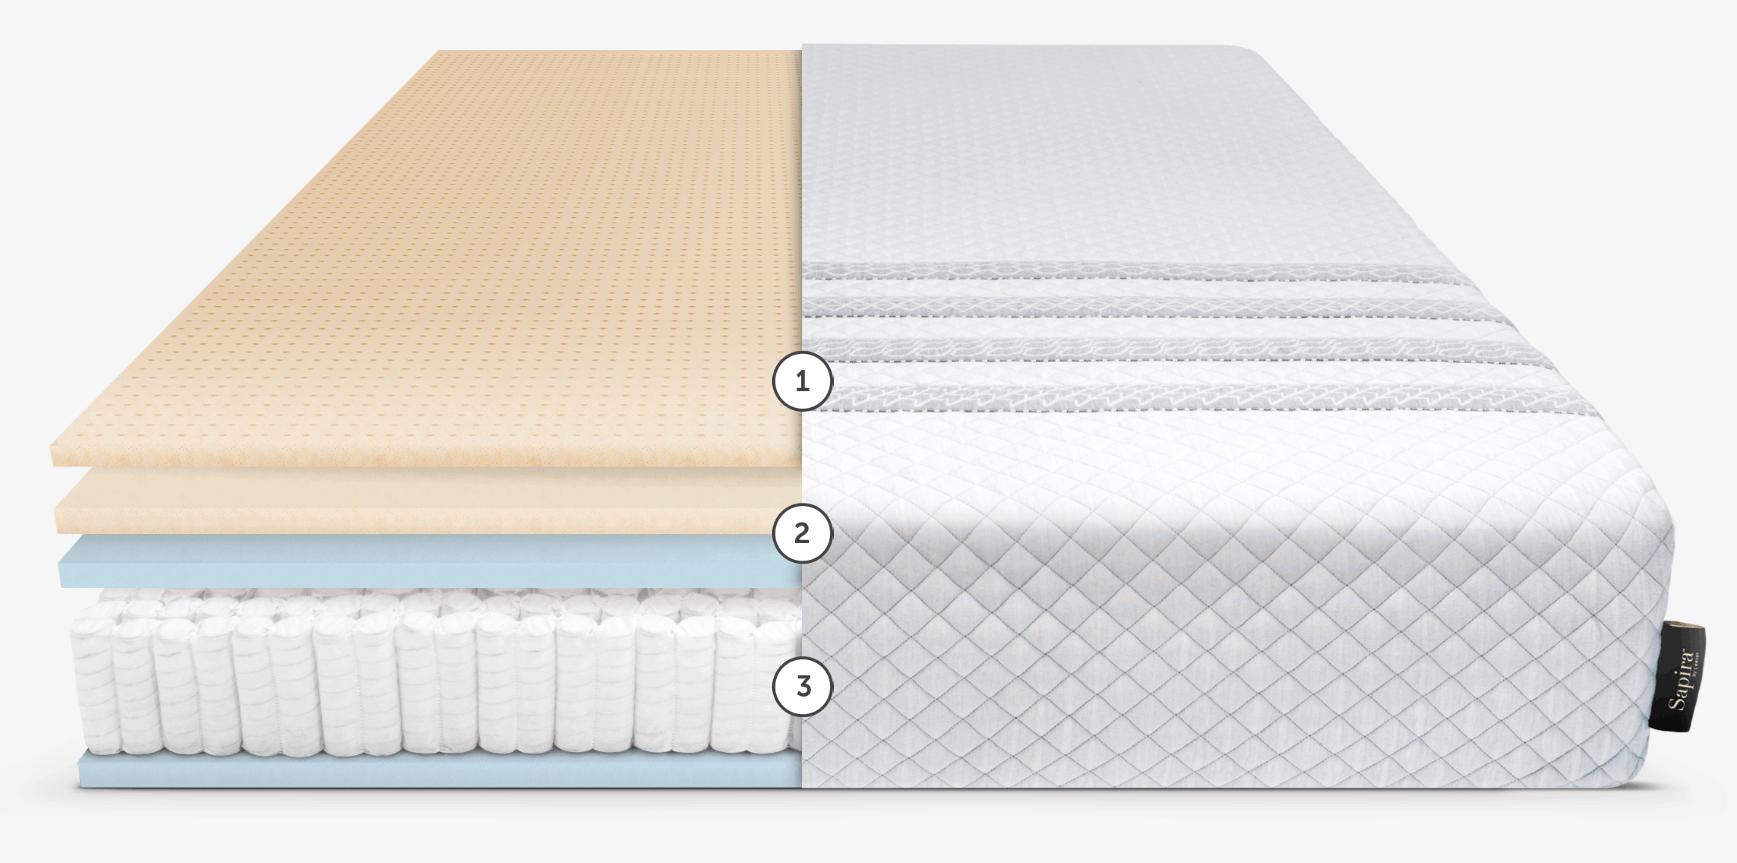 structure and layers of sapira mattress